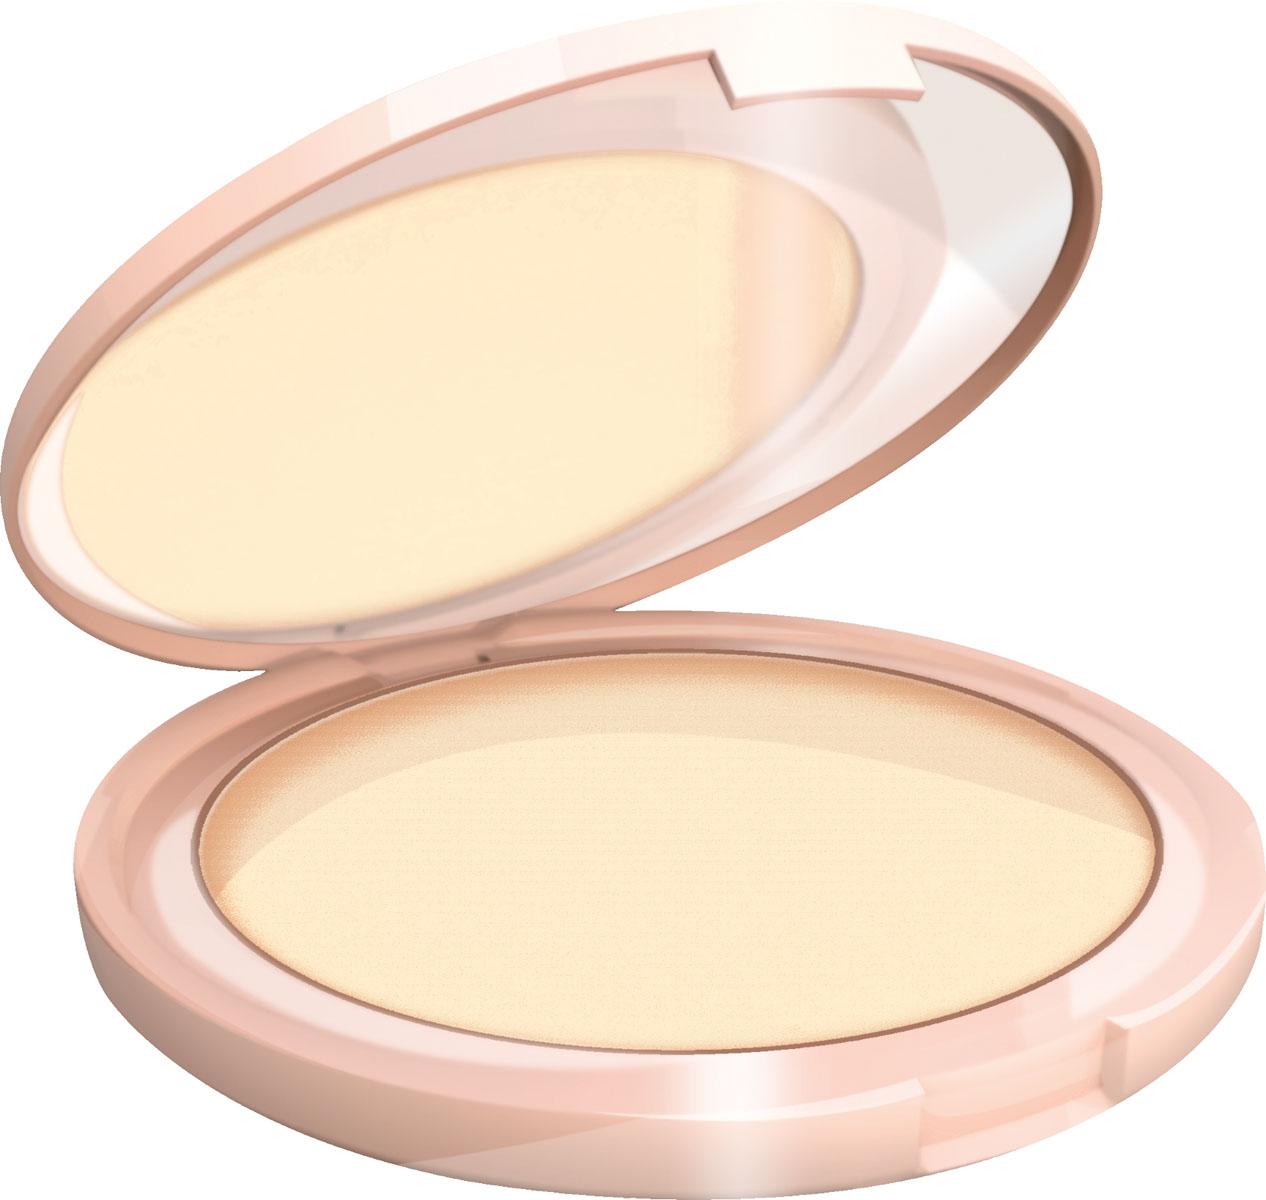 Bell Пудра матирующая компактная с зеркалом 2 Skin Powder Mat Тон 41, 9 грBppr2s041Благодаря мягкой текстуре пудра легко наносится и придает естественный матовый оттенок. Особая формула микрочастиц, входящих в состав пудры, поглощает избыточную влагу с поверхности кожи, сохраняя макияж свежим в течение всего дня. Содержание витаминов С и Е – природных антиоксидантов, способствует регенерации кожи, замедляя процессы старения. Благодаря компактной упаковке пудру удобно носить в сумочке и в любое время нанести или поправить макияж. Тон 41